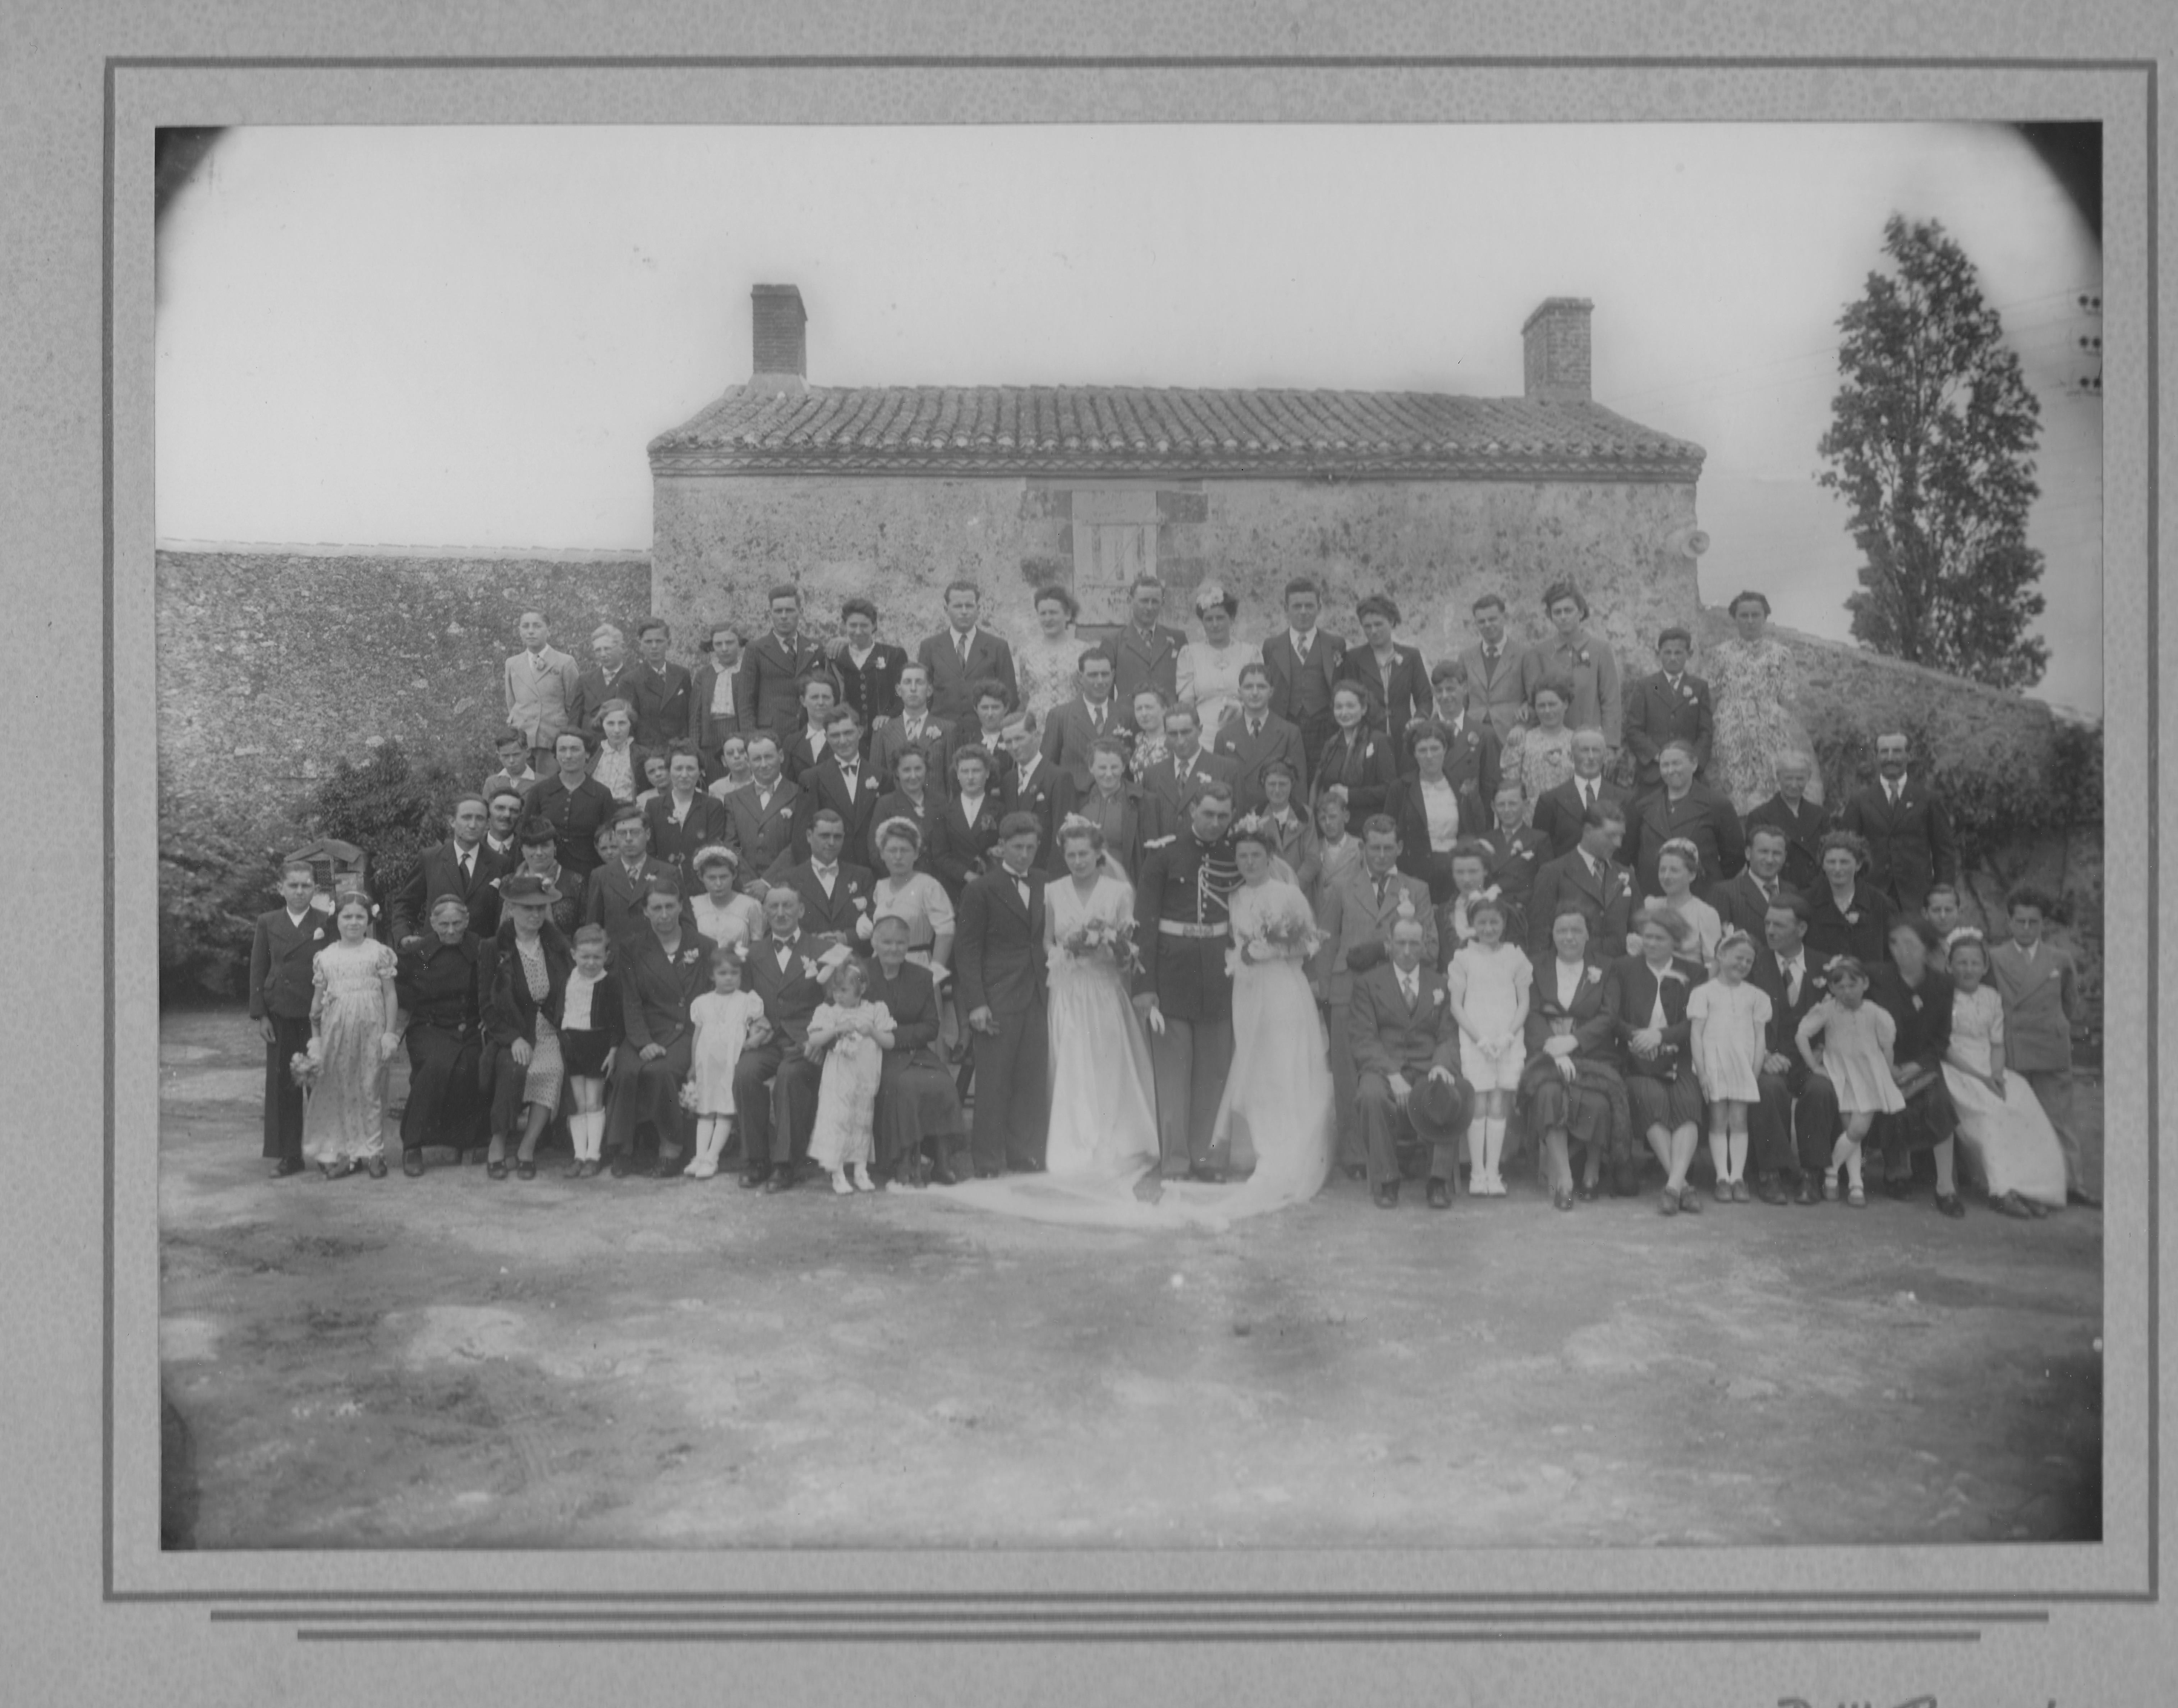 Voyage dans le temps : un mariage en 1942